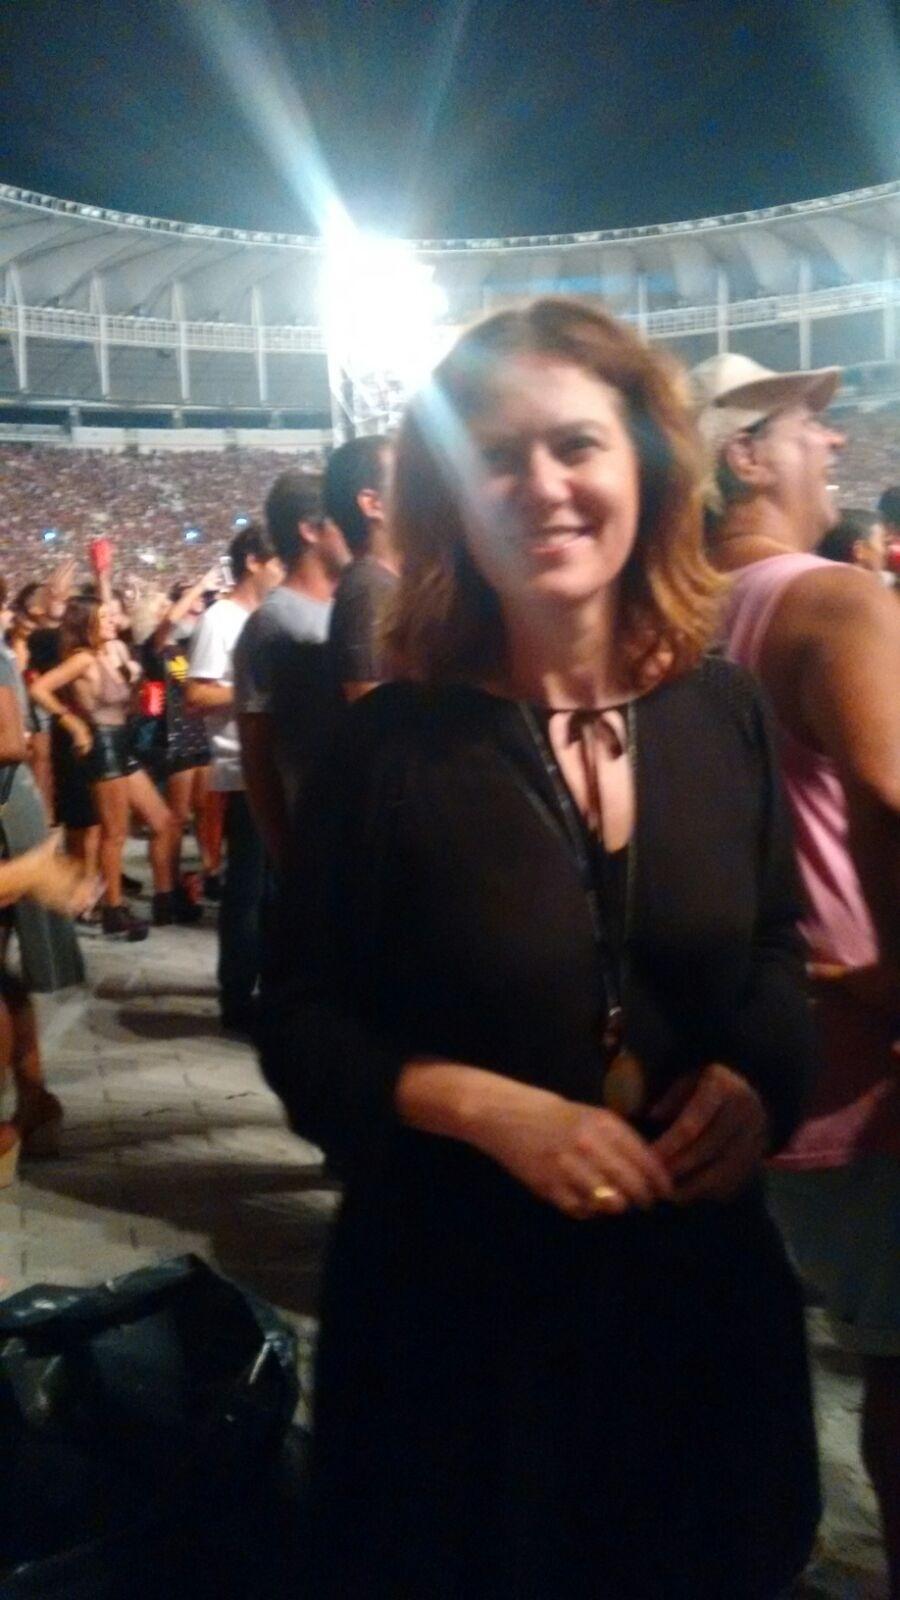 20.fev.2016 - Patrícia Pillar chegou sorridente, fez selfies com fãs, mas concentrou toda a sua atenção para o palco quando Mick Jagger apareceu. A banda se apresentou neste sábado (20), o primeiro show da turnê